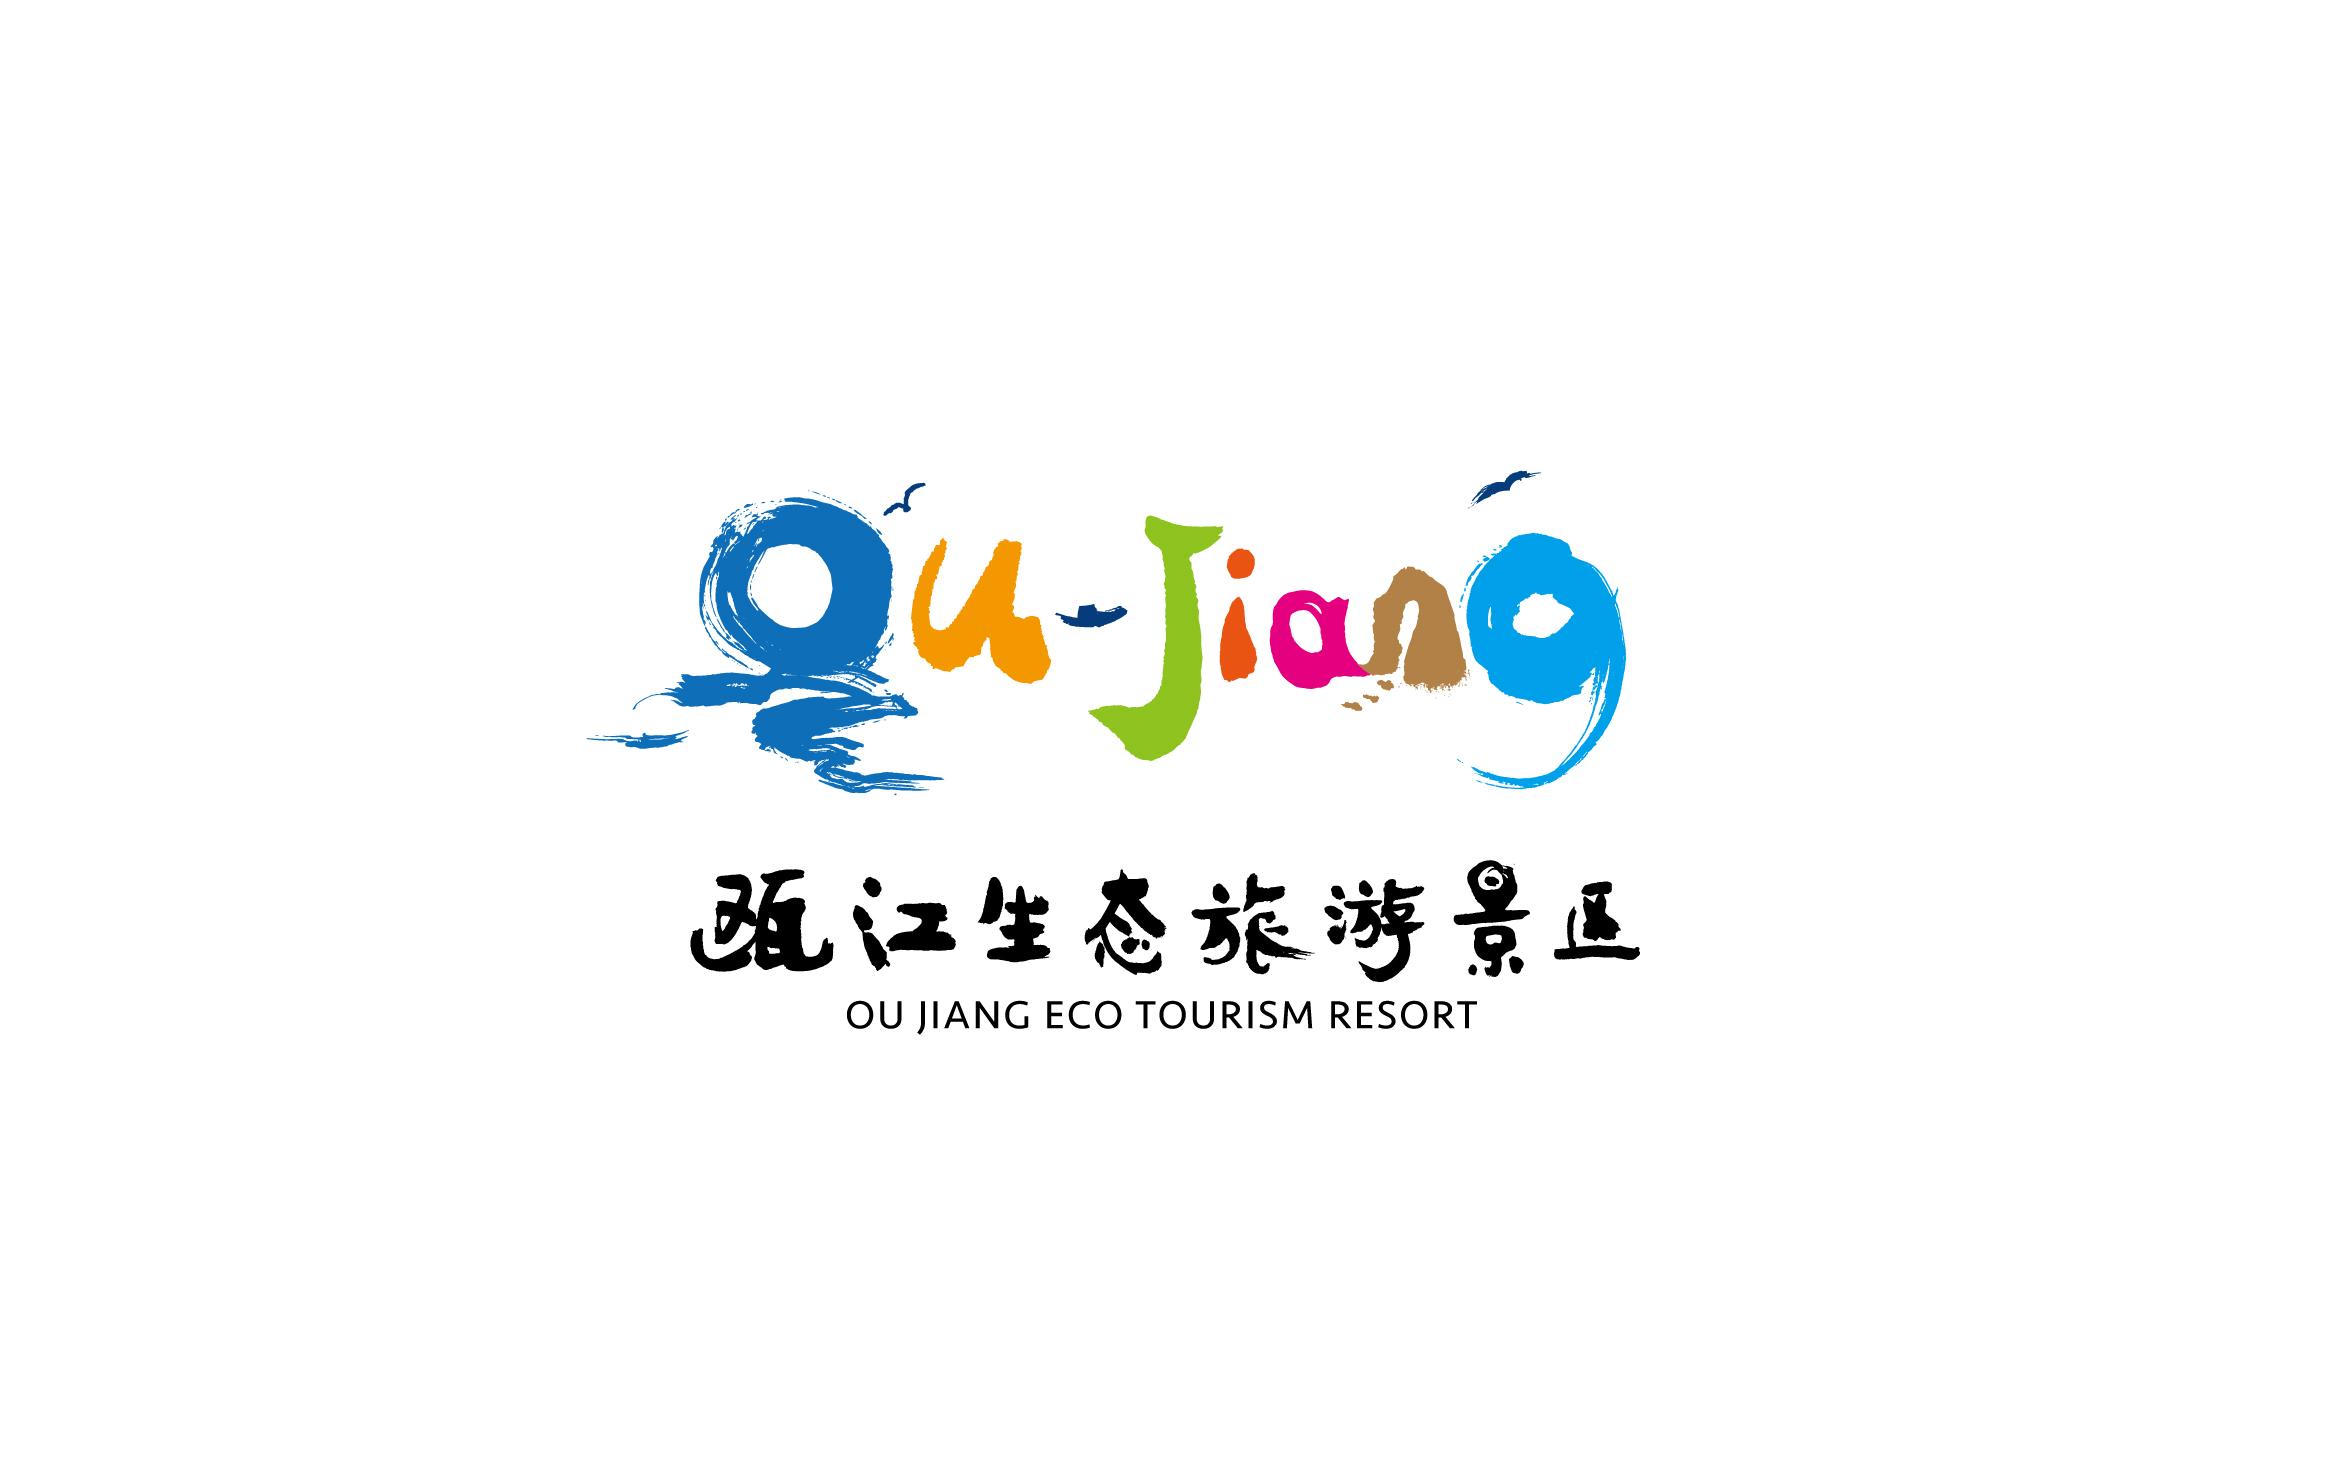 瓯江生态旅游景区 品牌形象